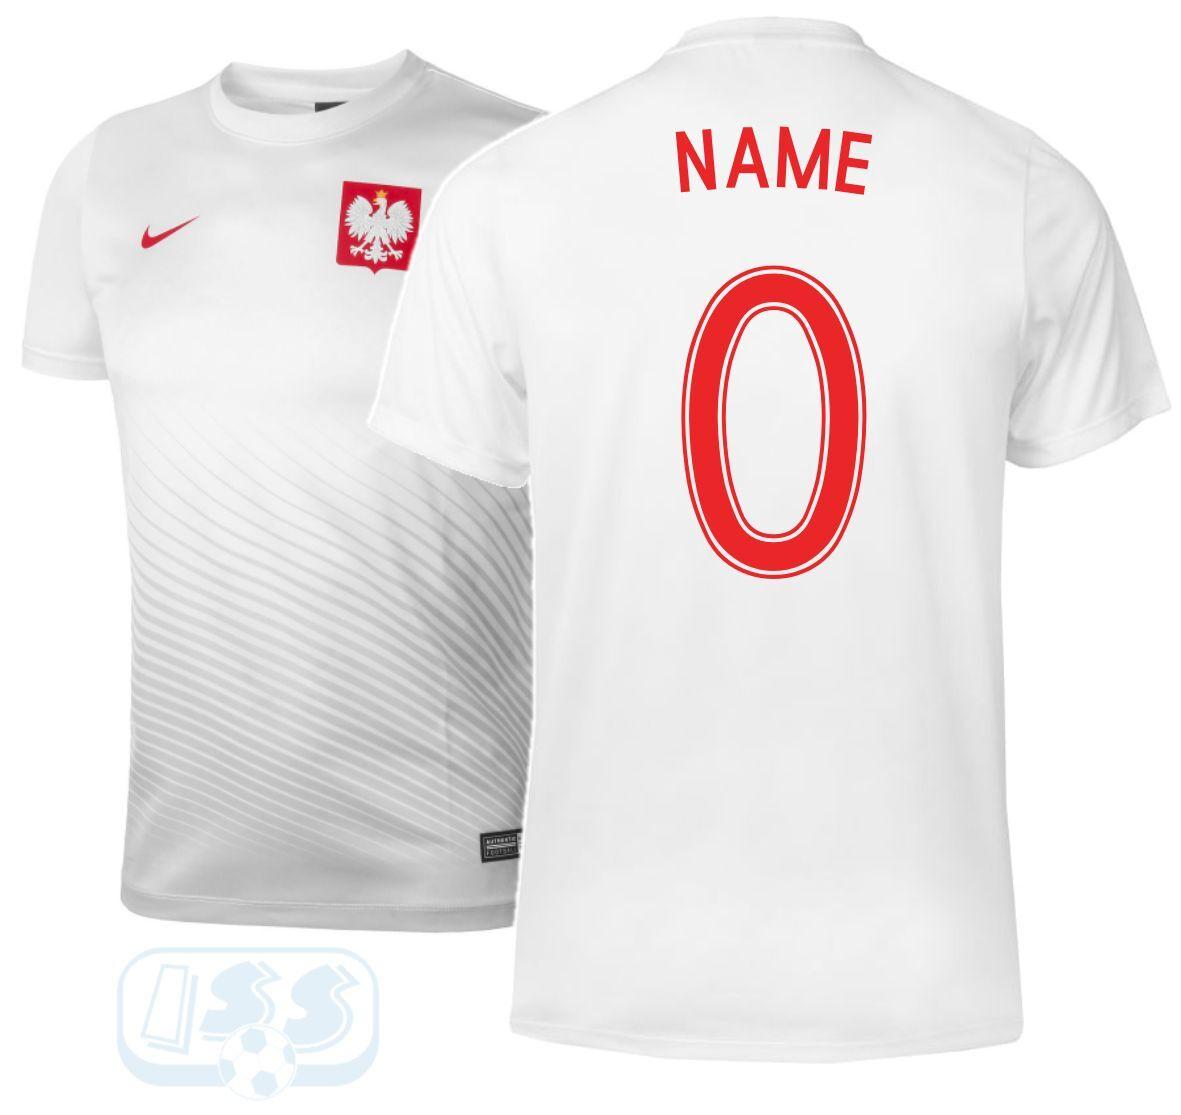 Polen Nike Fan Trikot + Beflockung Weiß Weiß Weiß Auswärts